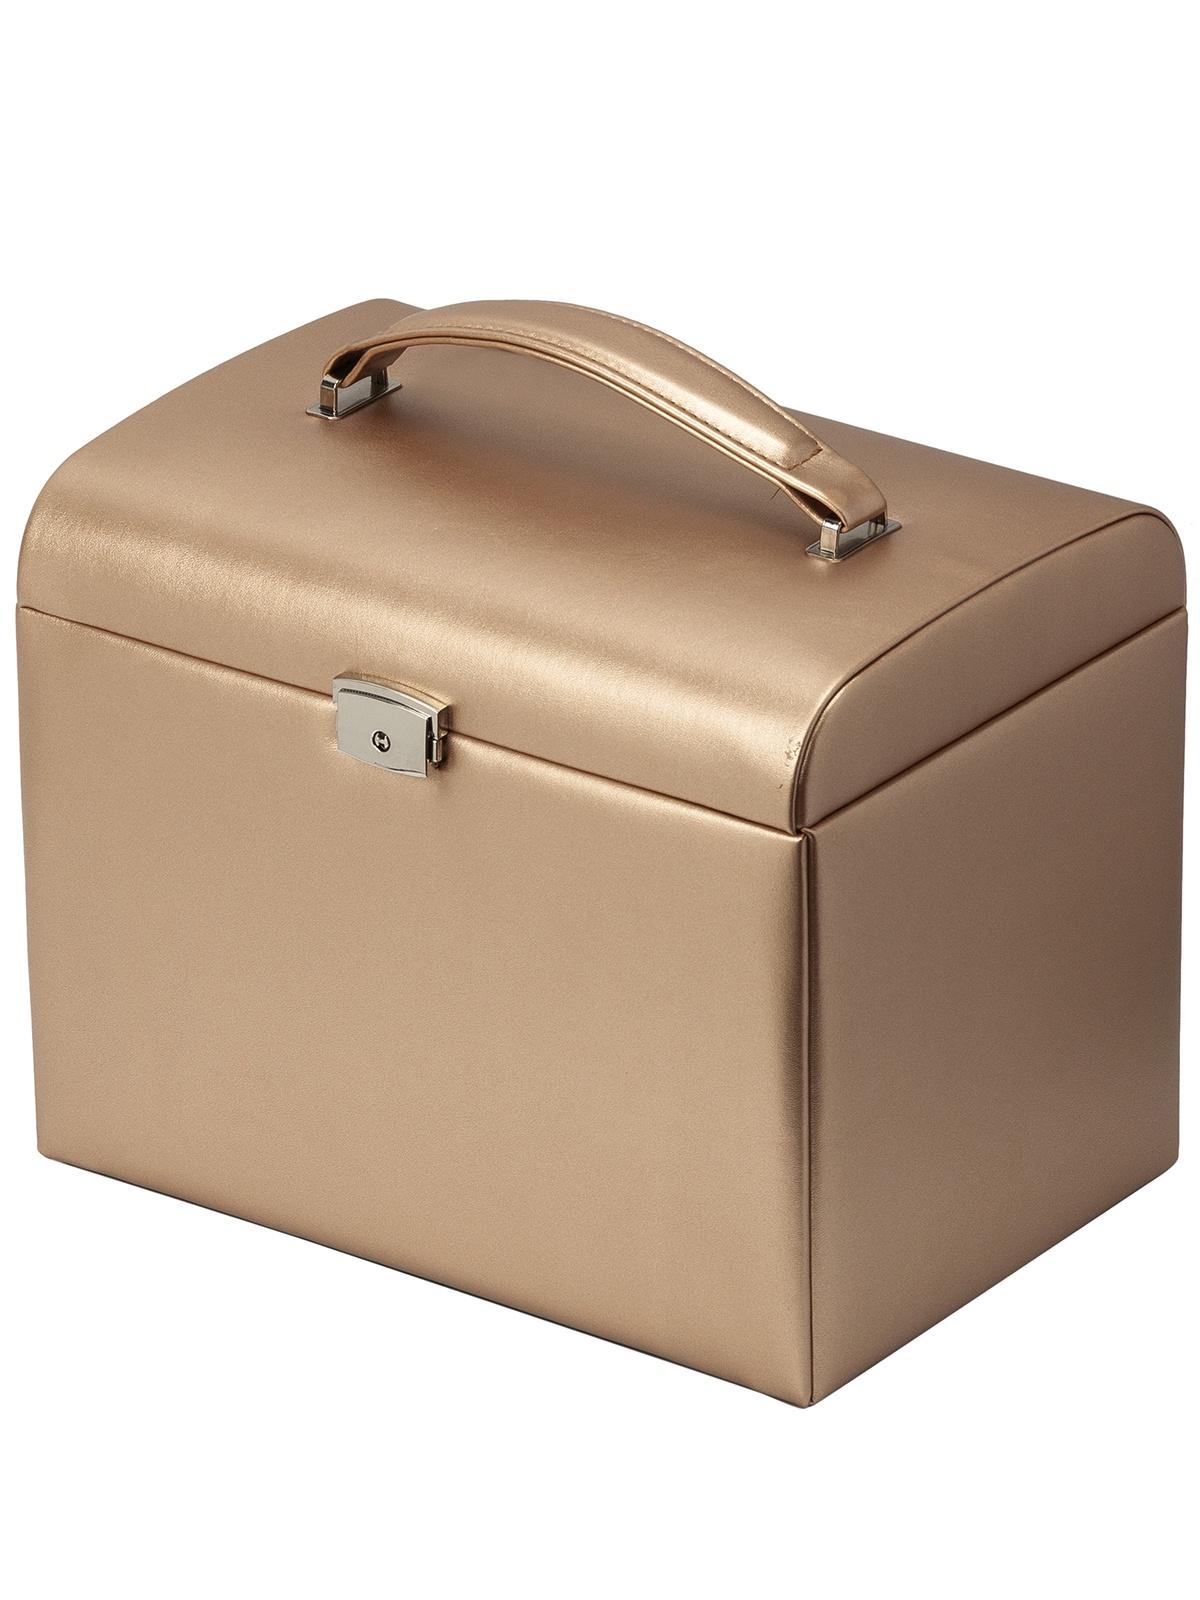 Шкатулка для украшений IsmatDecor S-701B_3, золотой umbra шкатулка для украшений toto большая чёрная орех 5 s fjzyq